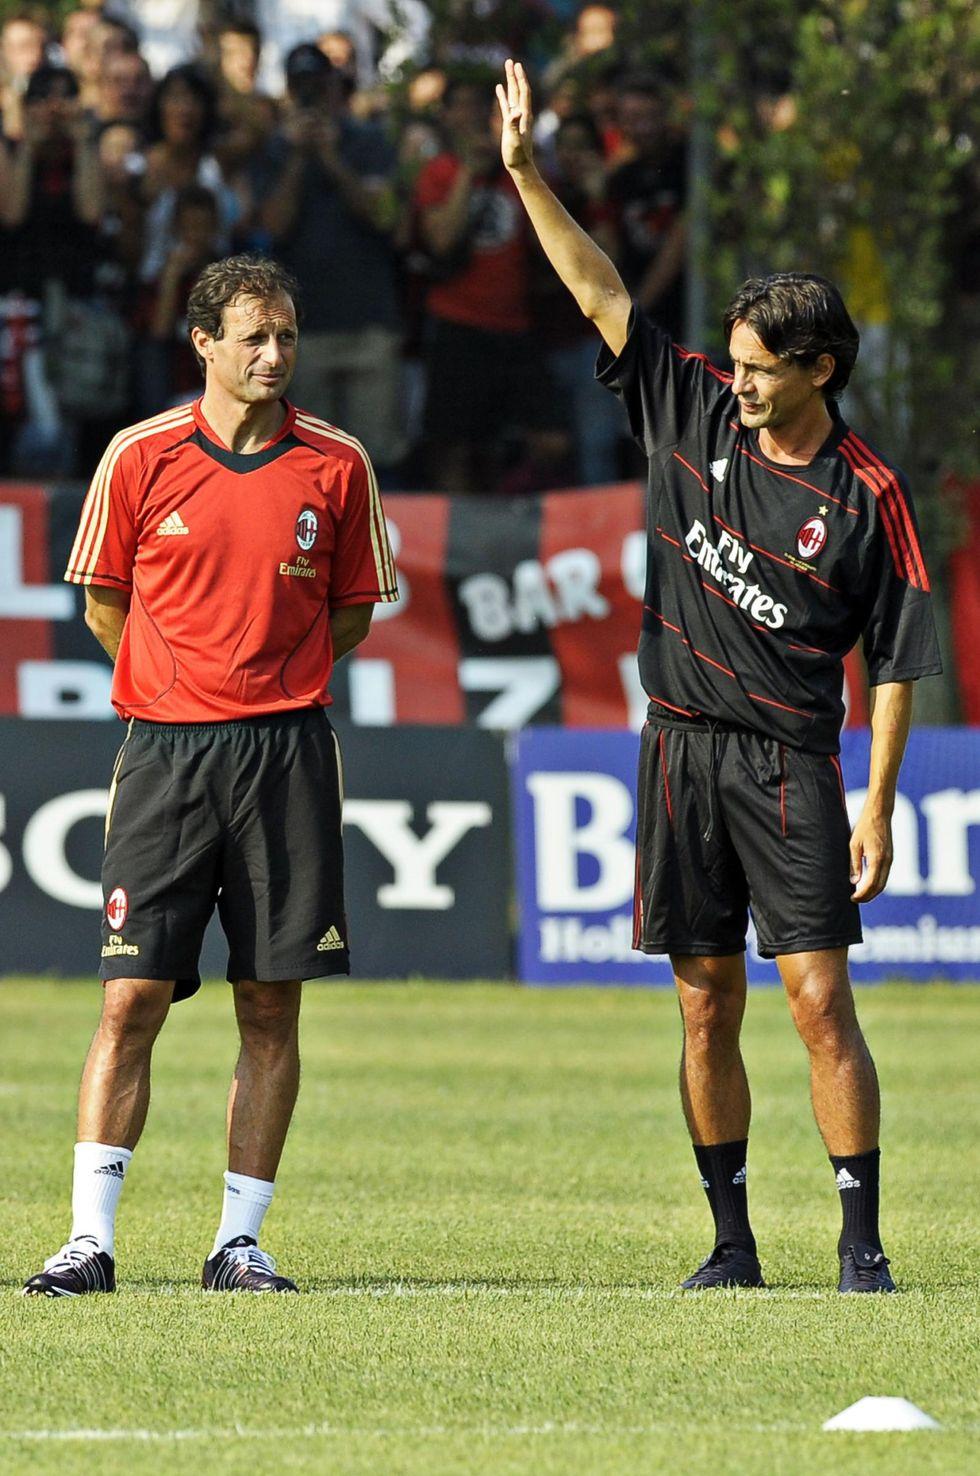 Lite Inzaghi - Allegri. Dov'è finito il Milan?